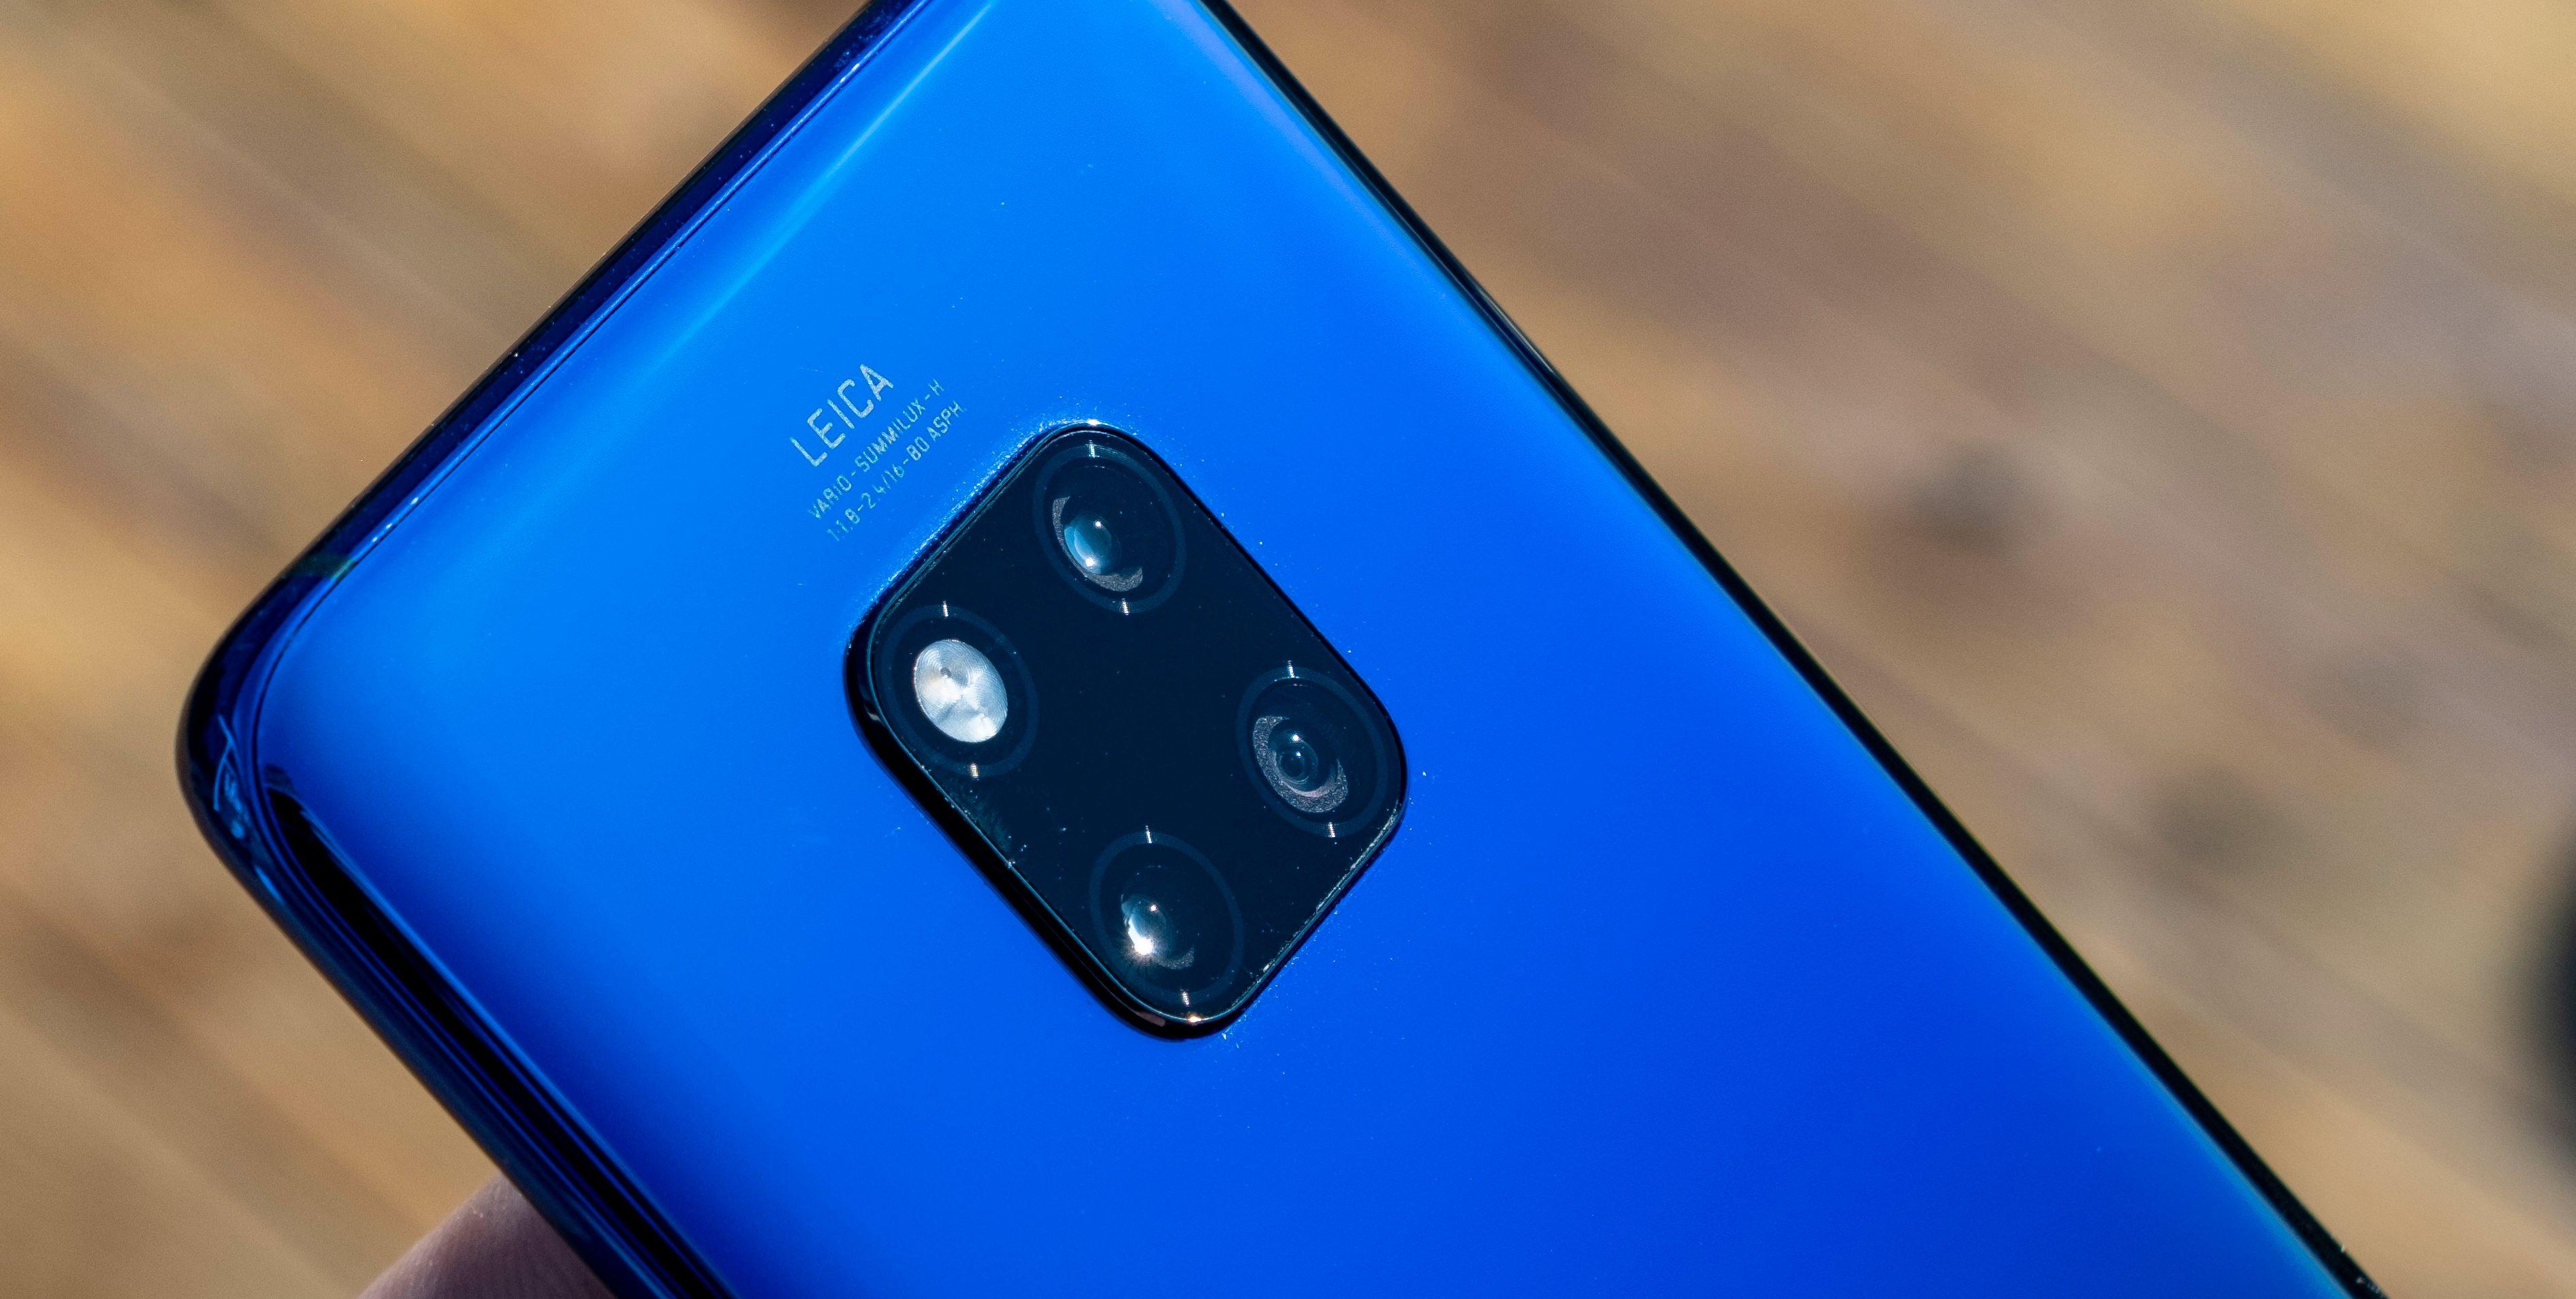 Huawei har levert stadig sterkere telefoner hele veien siden Mate 9 Pro, og fjorårets Mate 20 Pro var andre gang på et halvår produsenten leverte en virkelig bejublet toppmodell. Årets P30 Pro var ikke på markedet i første kvartal.